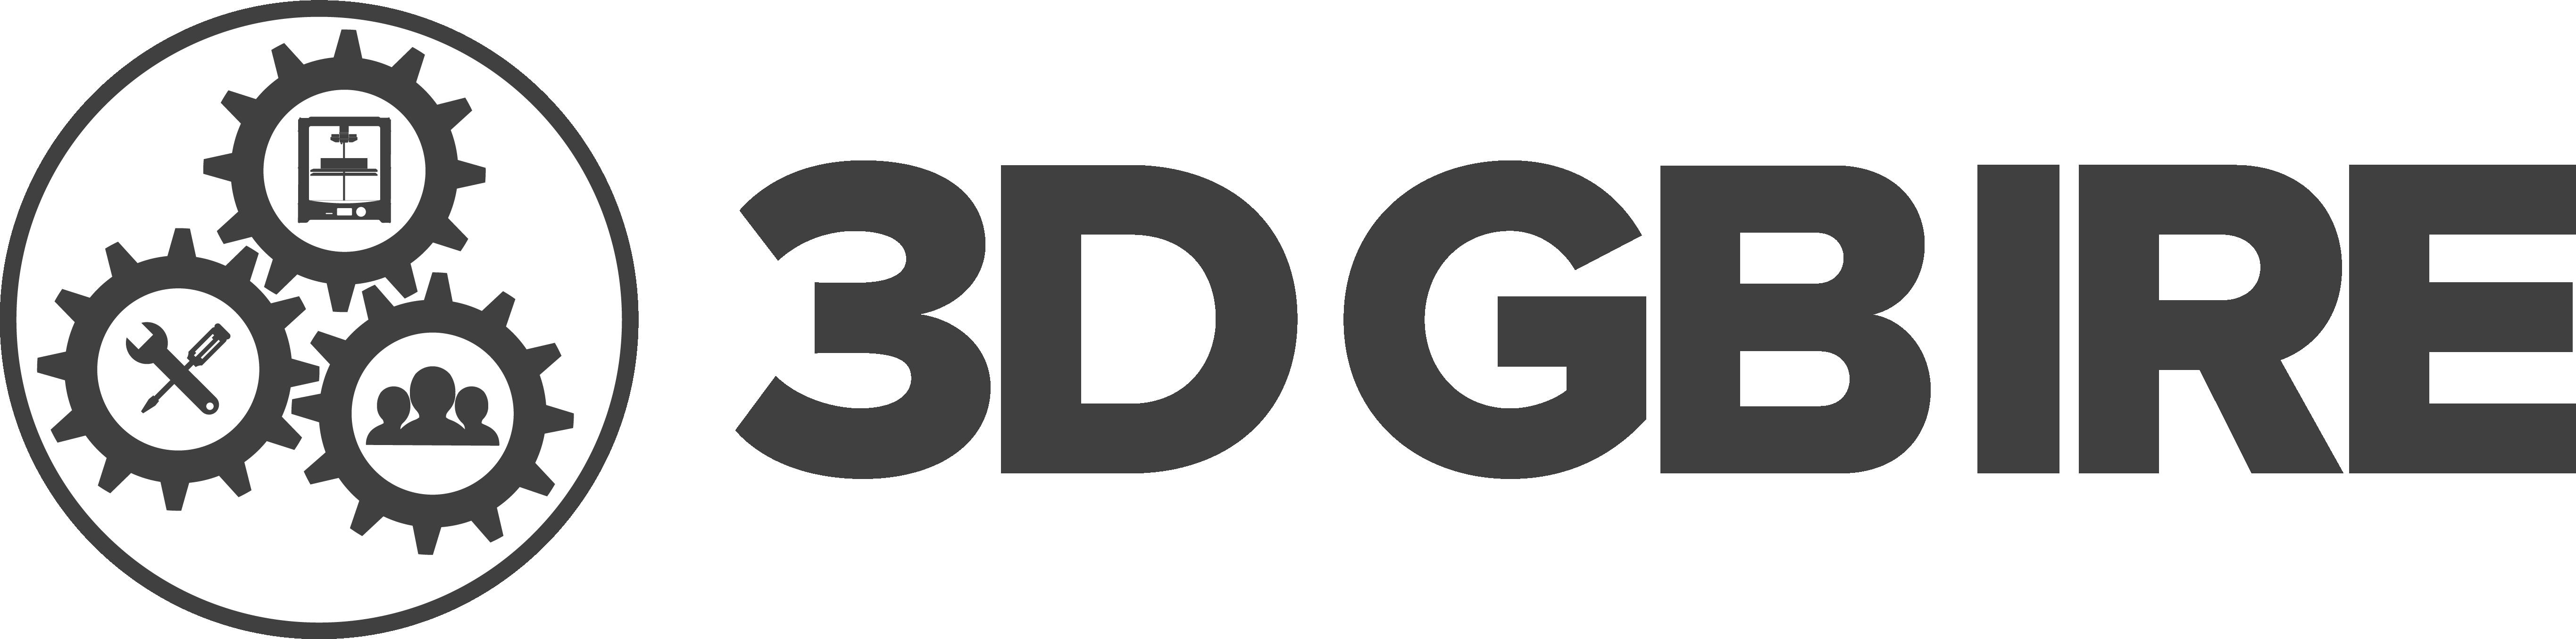 3DGBIRE